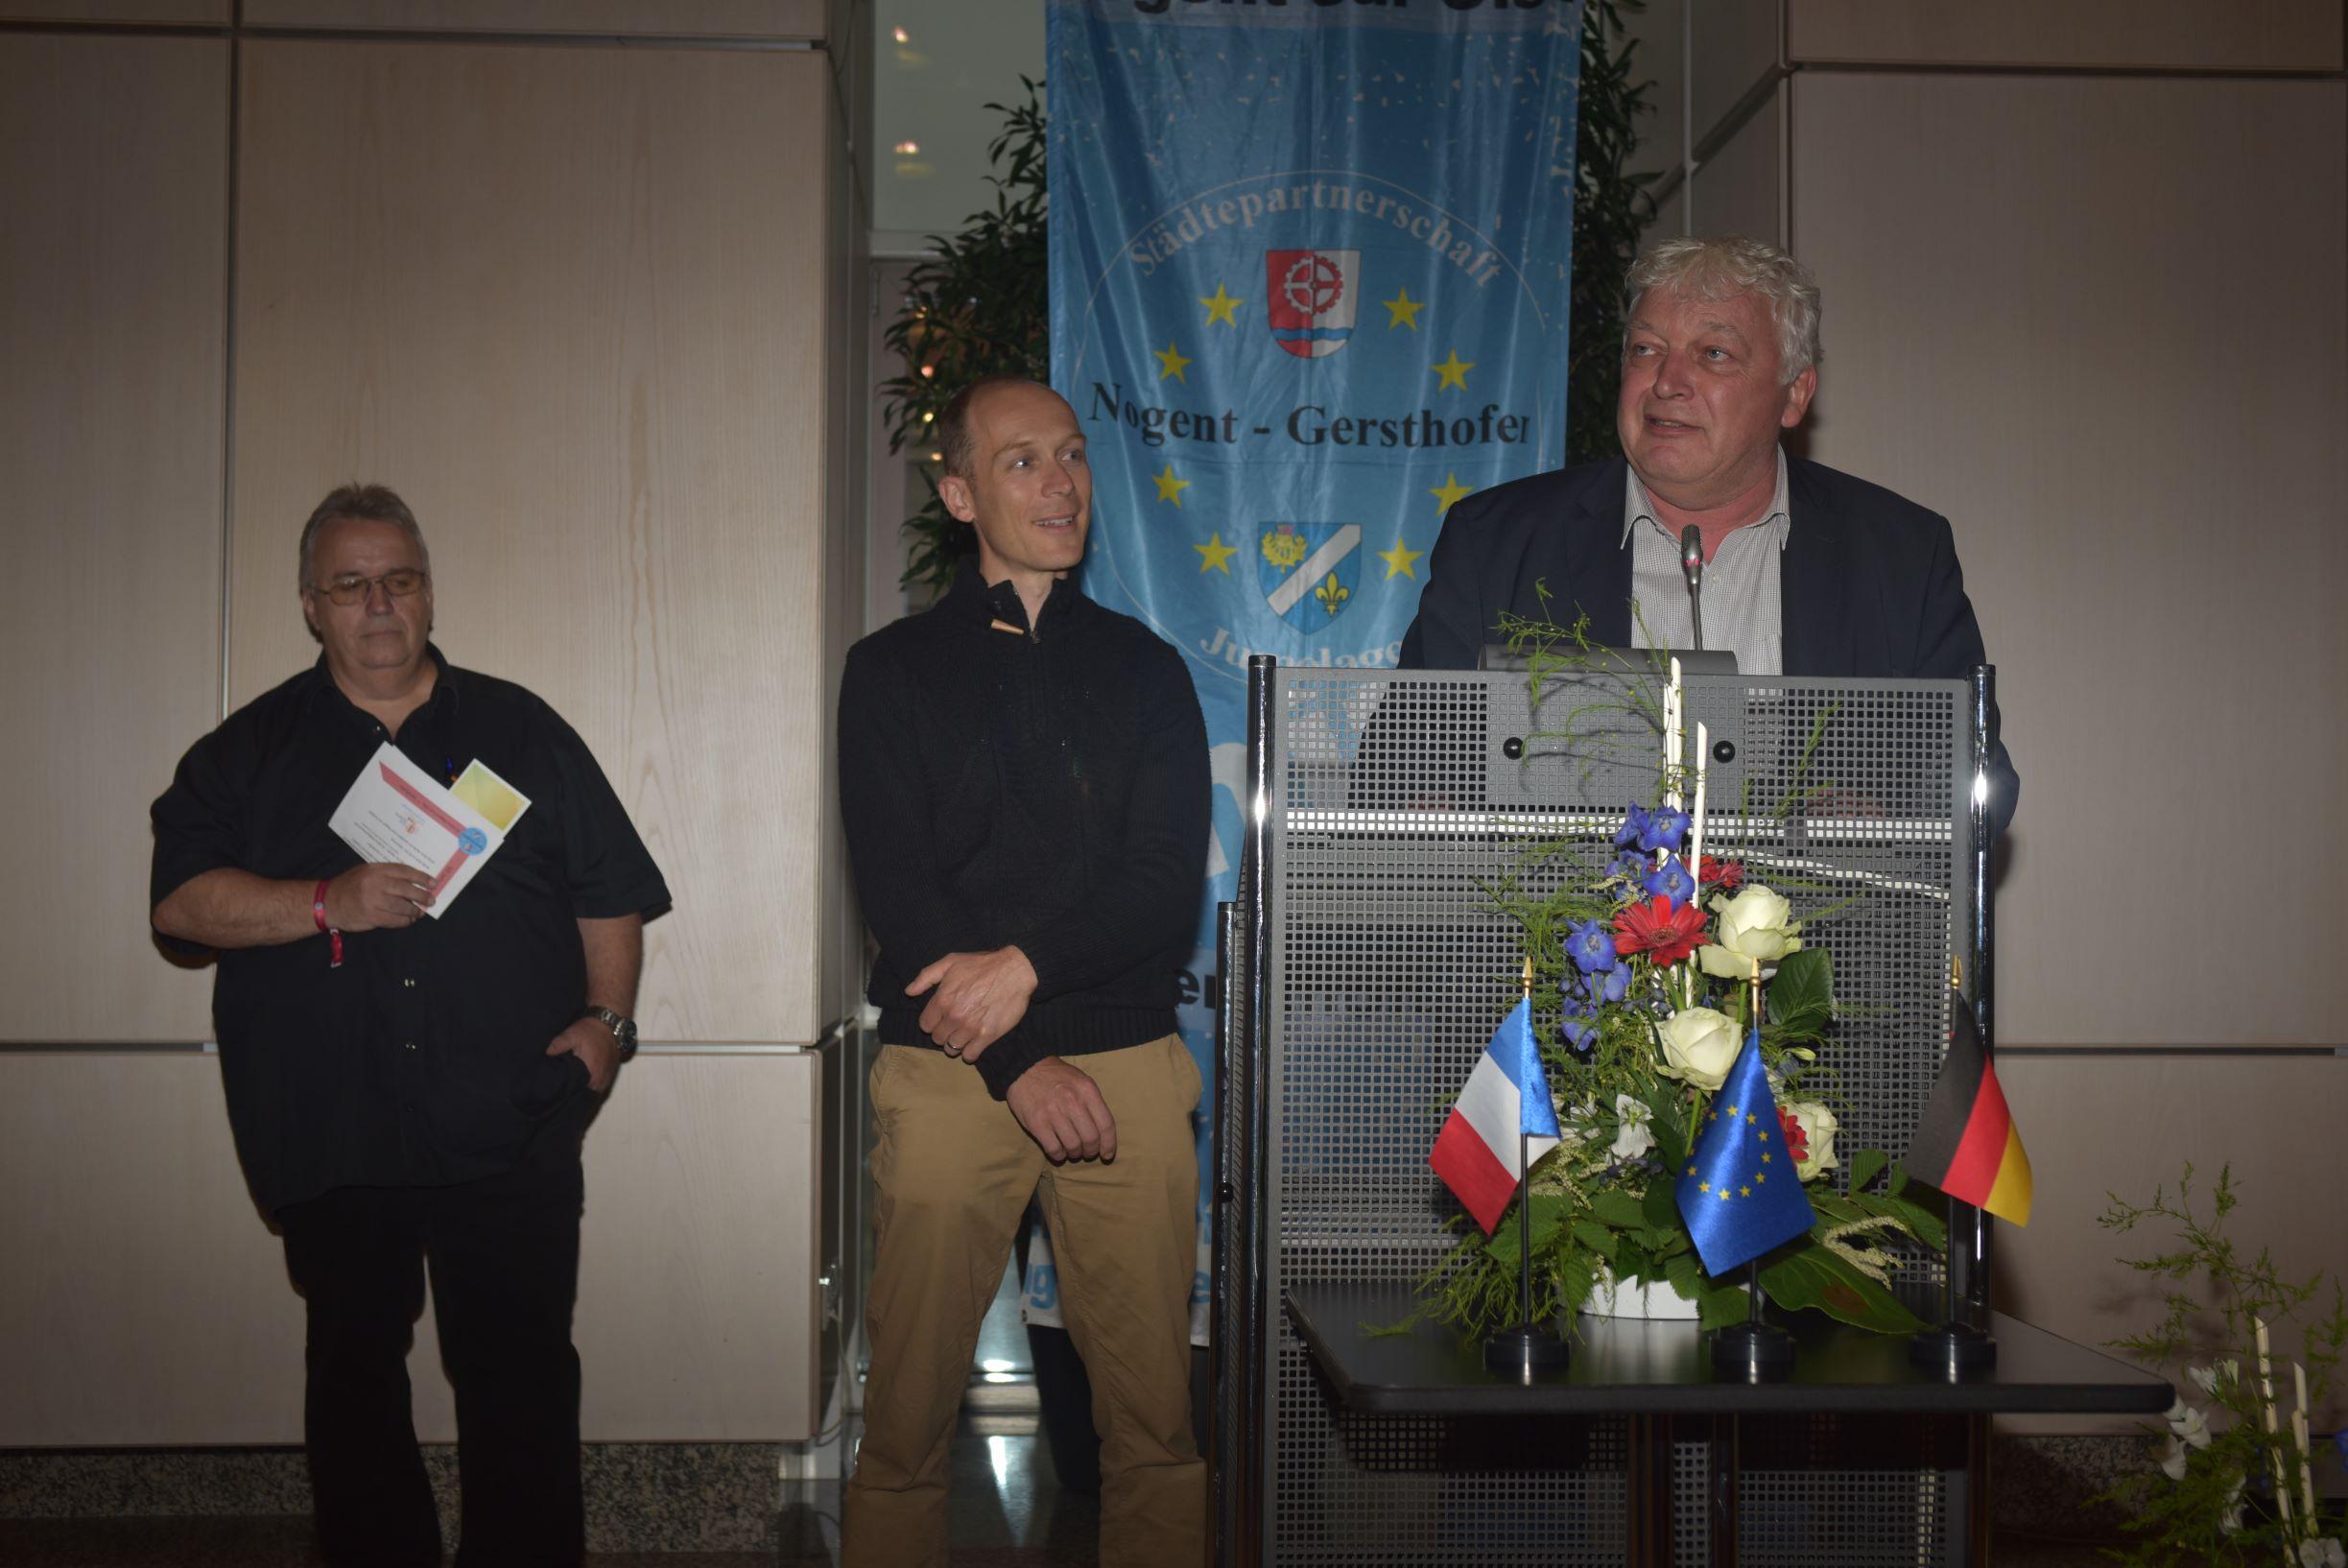 Nogents Bürgermeister Dardenne bedankte sich für den herzlichen Empfang